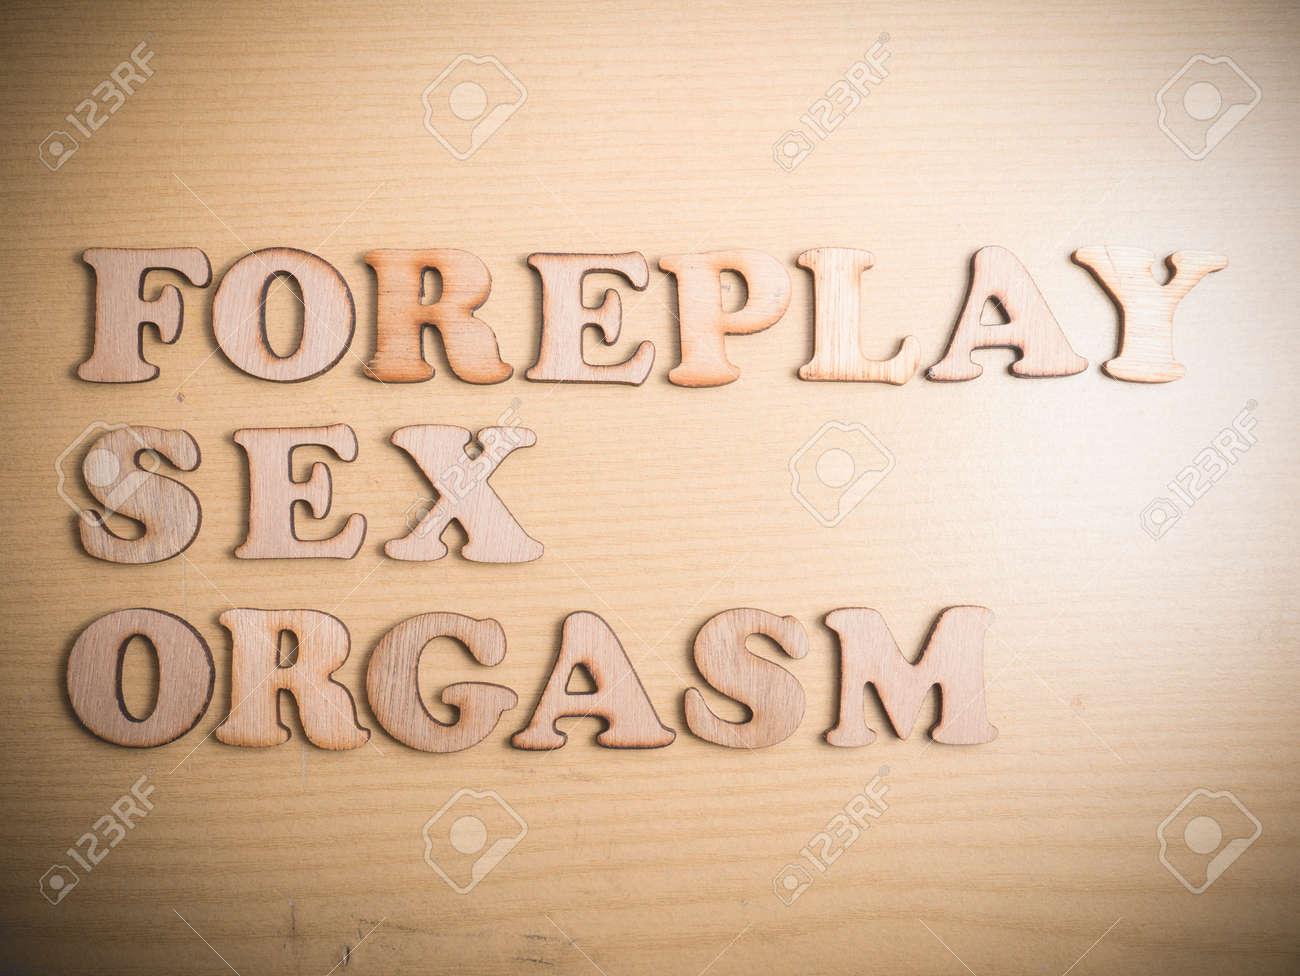 Spor men sex